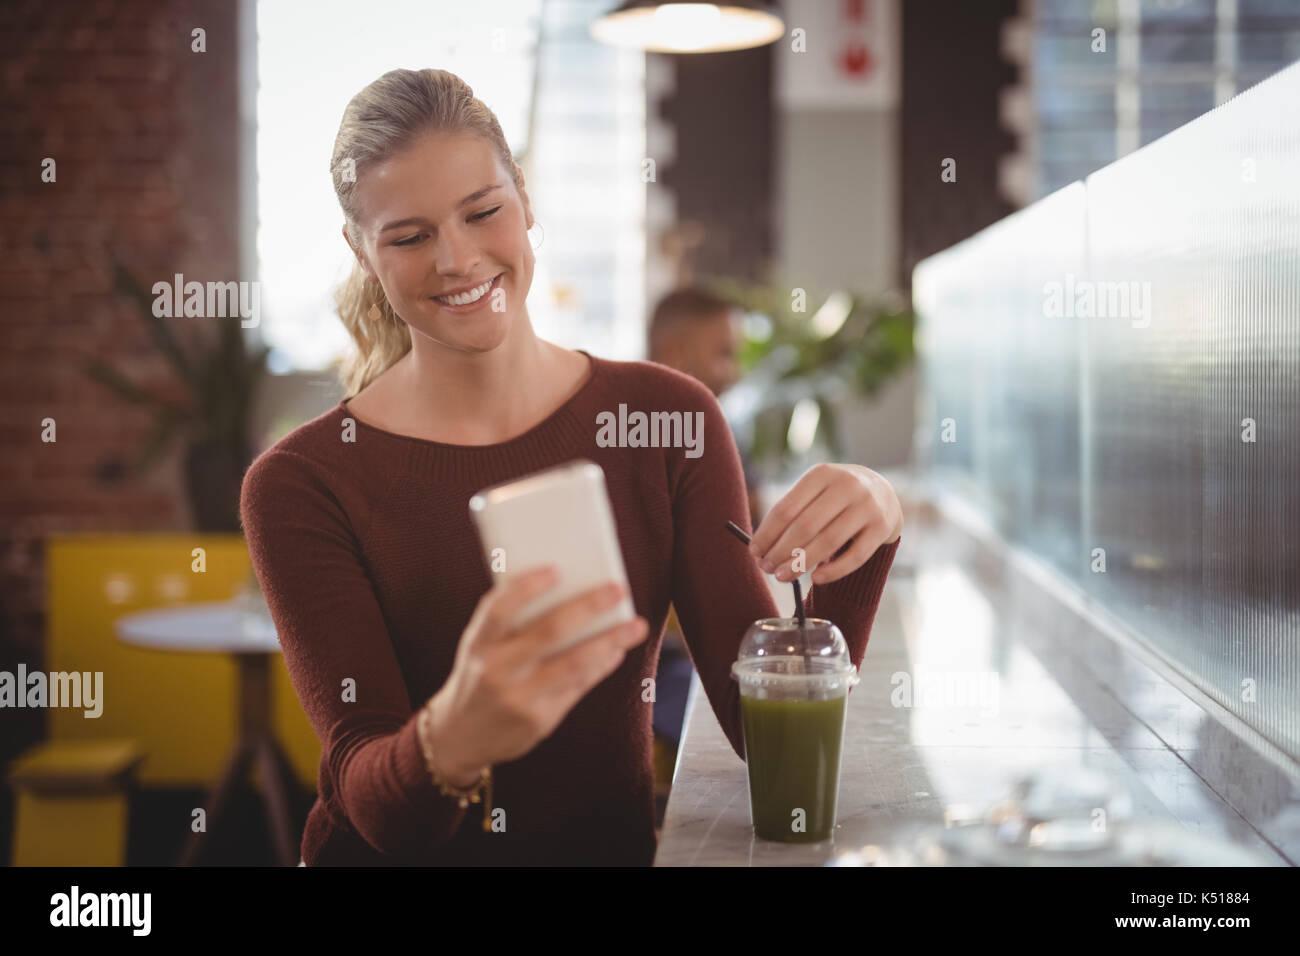 Lächelnde junge blonde Frau mit Smartphone während der Sitzung mit Getränk an der Theke im Café Stockbild